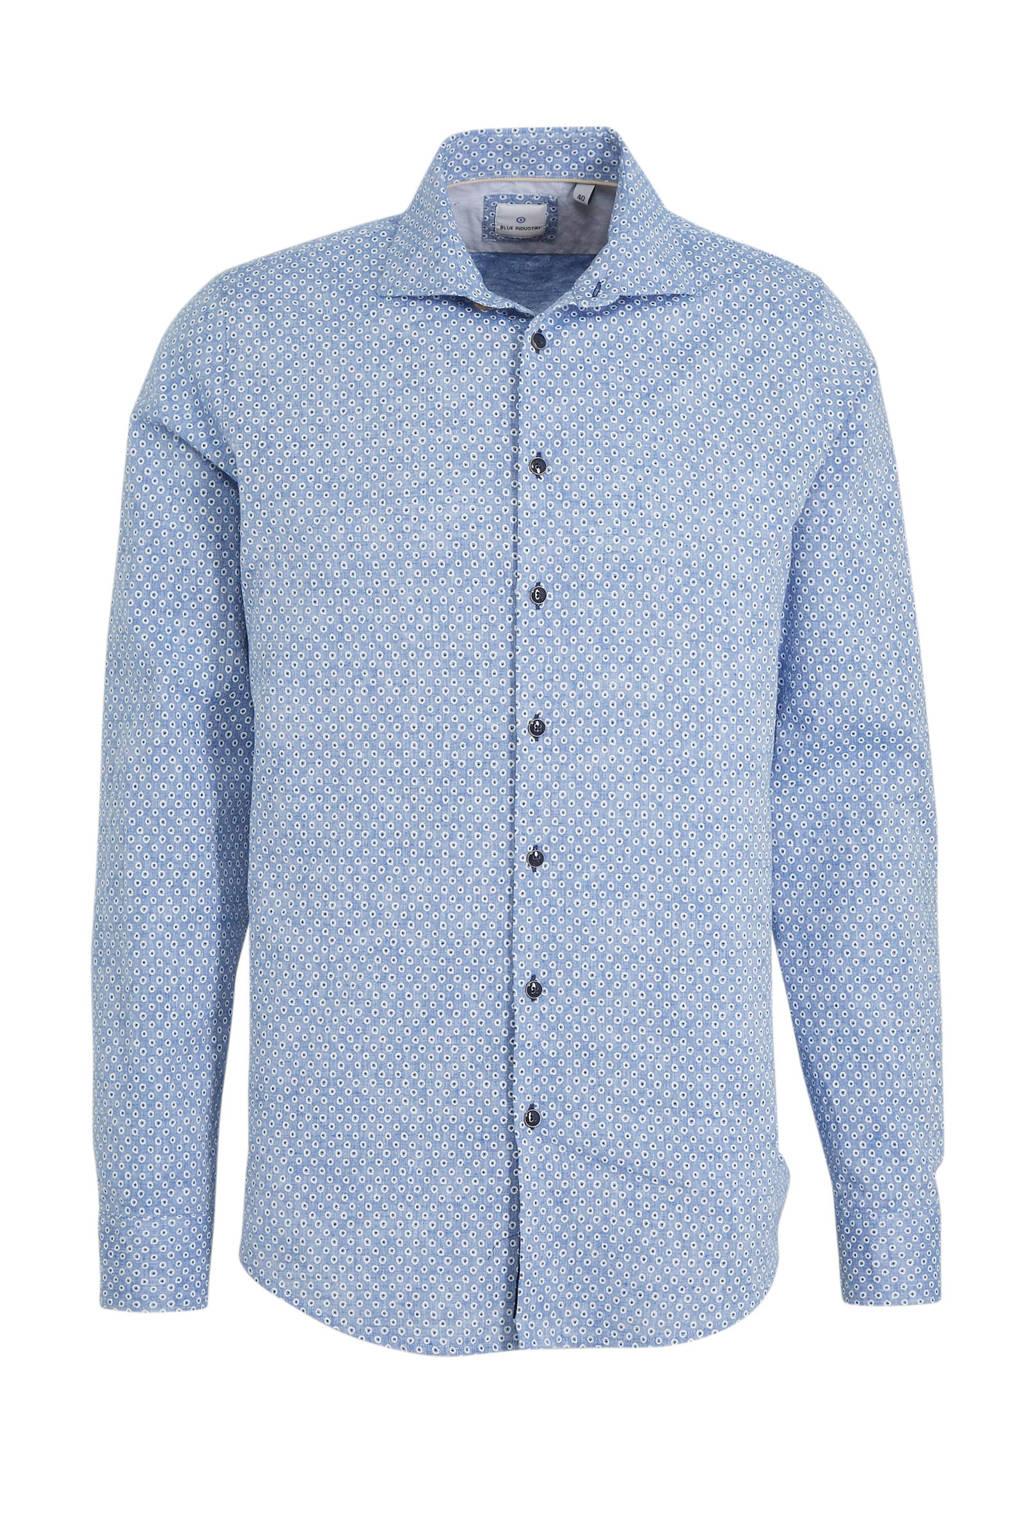 Blue Industry slim fit overhemd met linnen en all over print blauw, Blauw